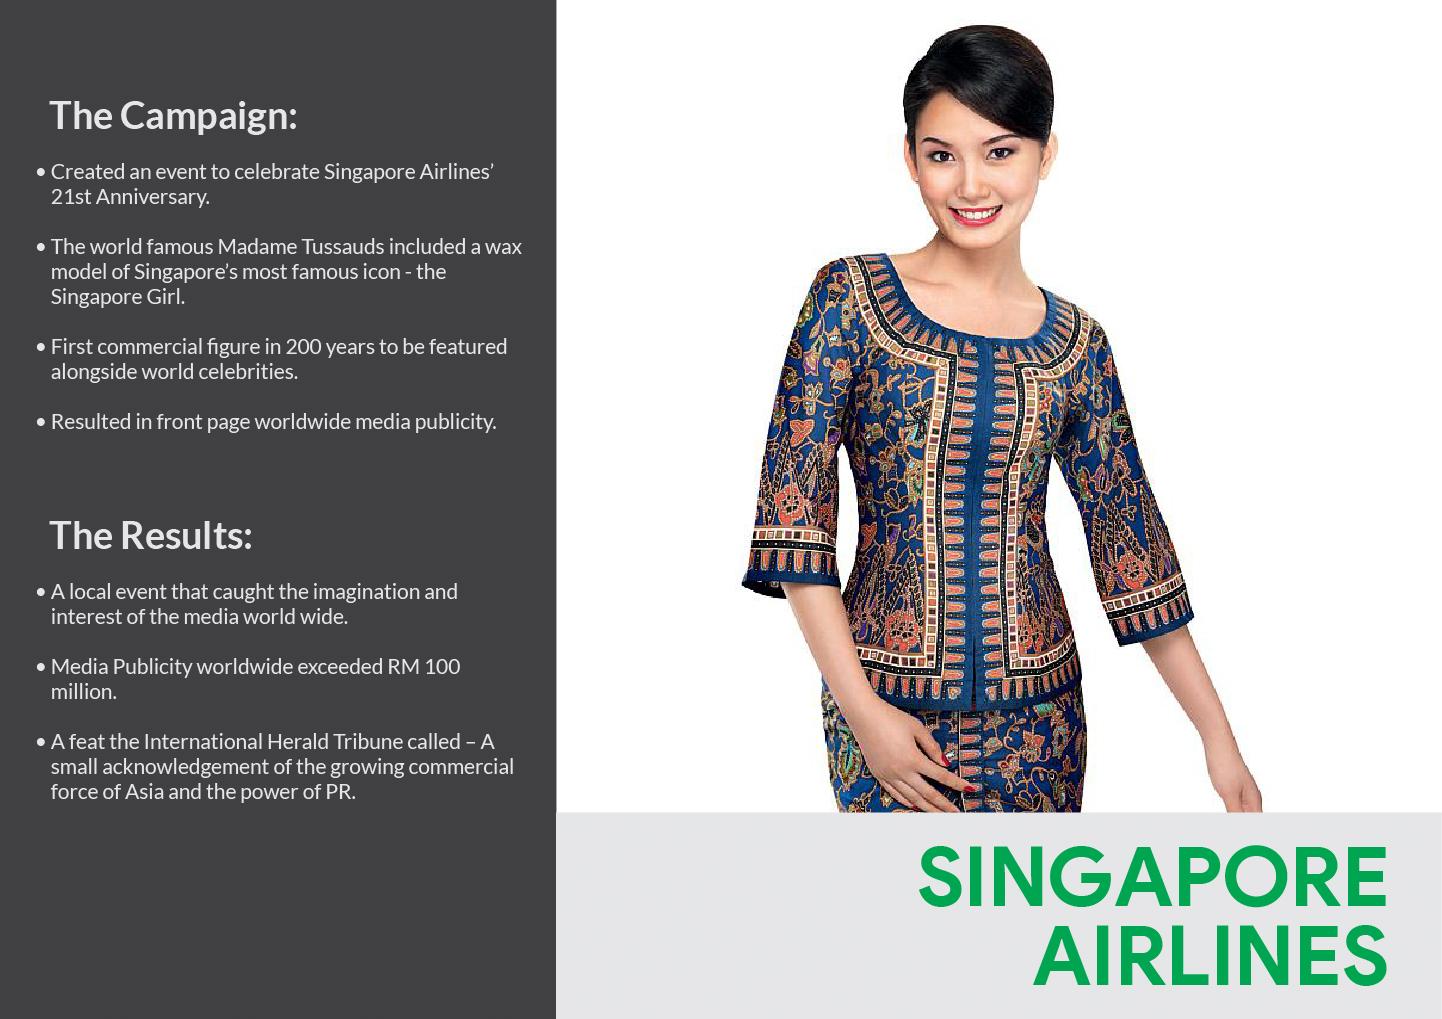 SINGAPORE AIRLINES GO COMM